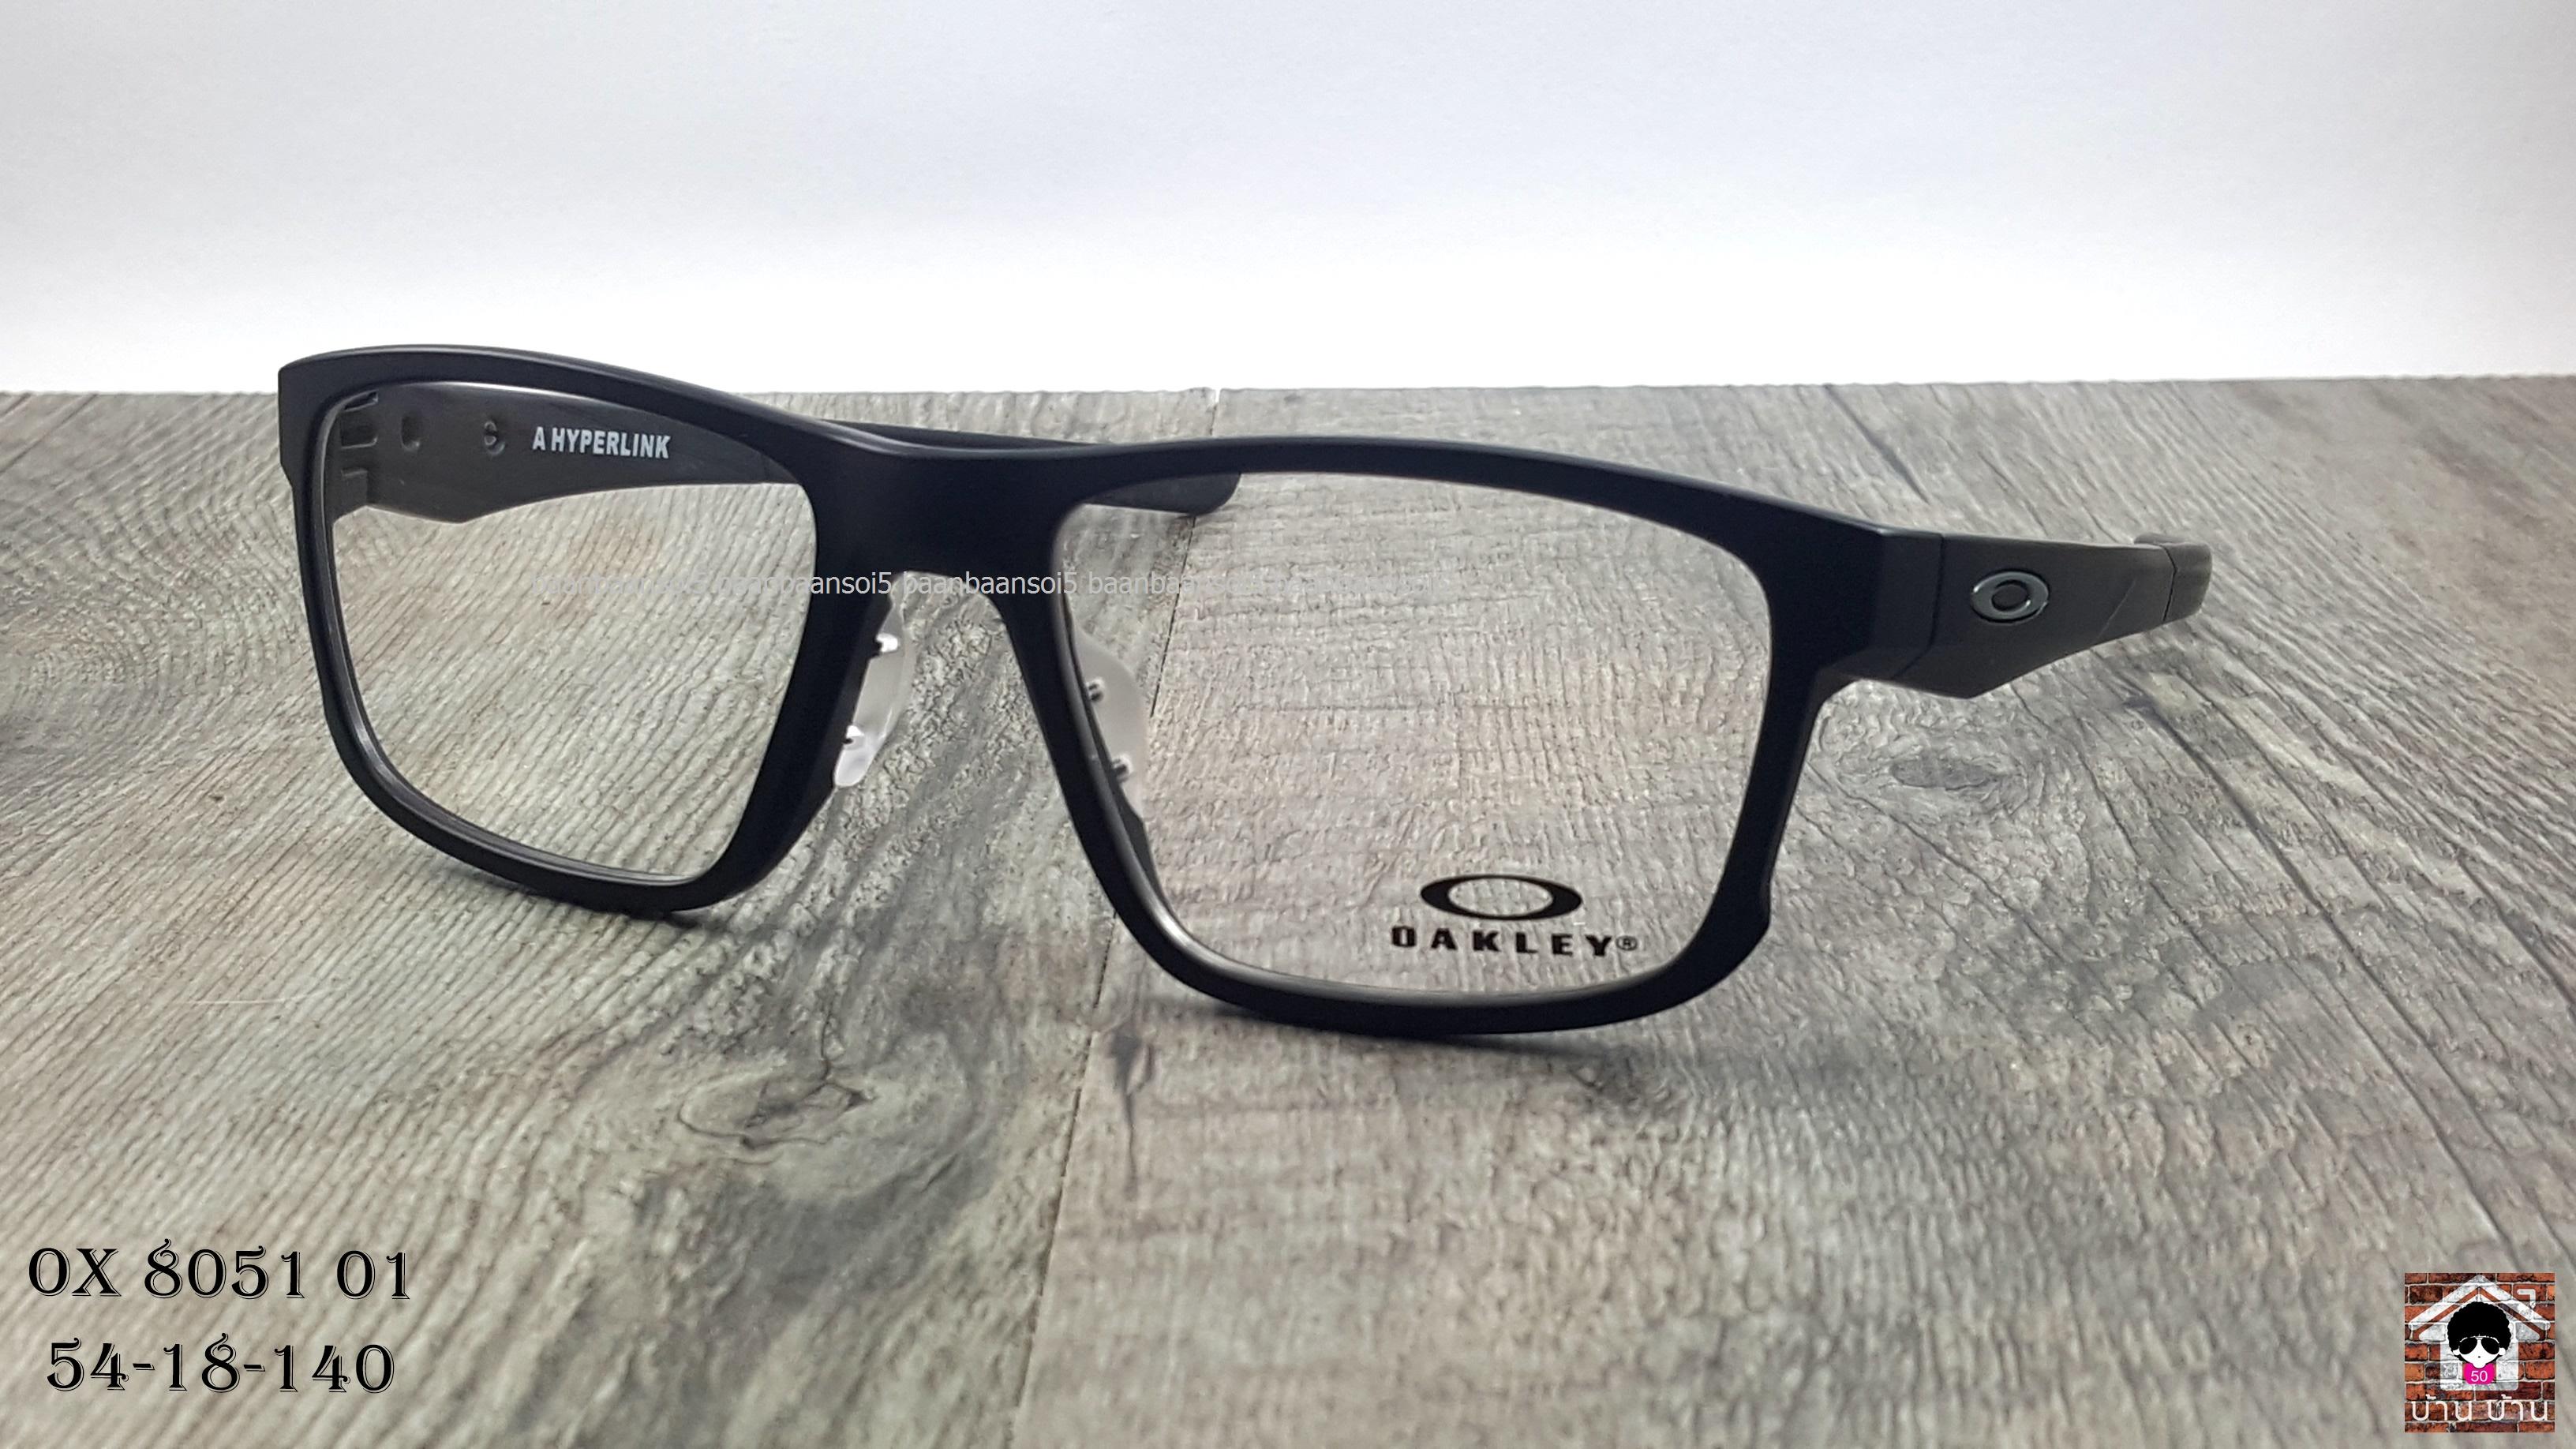 OAKLEY OX8051-01 HYPERLINK (ASIA FIT) โปรโมชั่น กรอบแว่นตาพร้อมเลนส์ HOYA ราคา 4,100 บาท